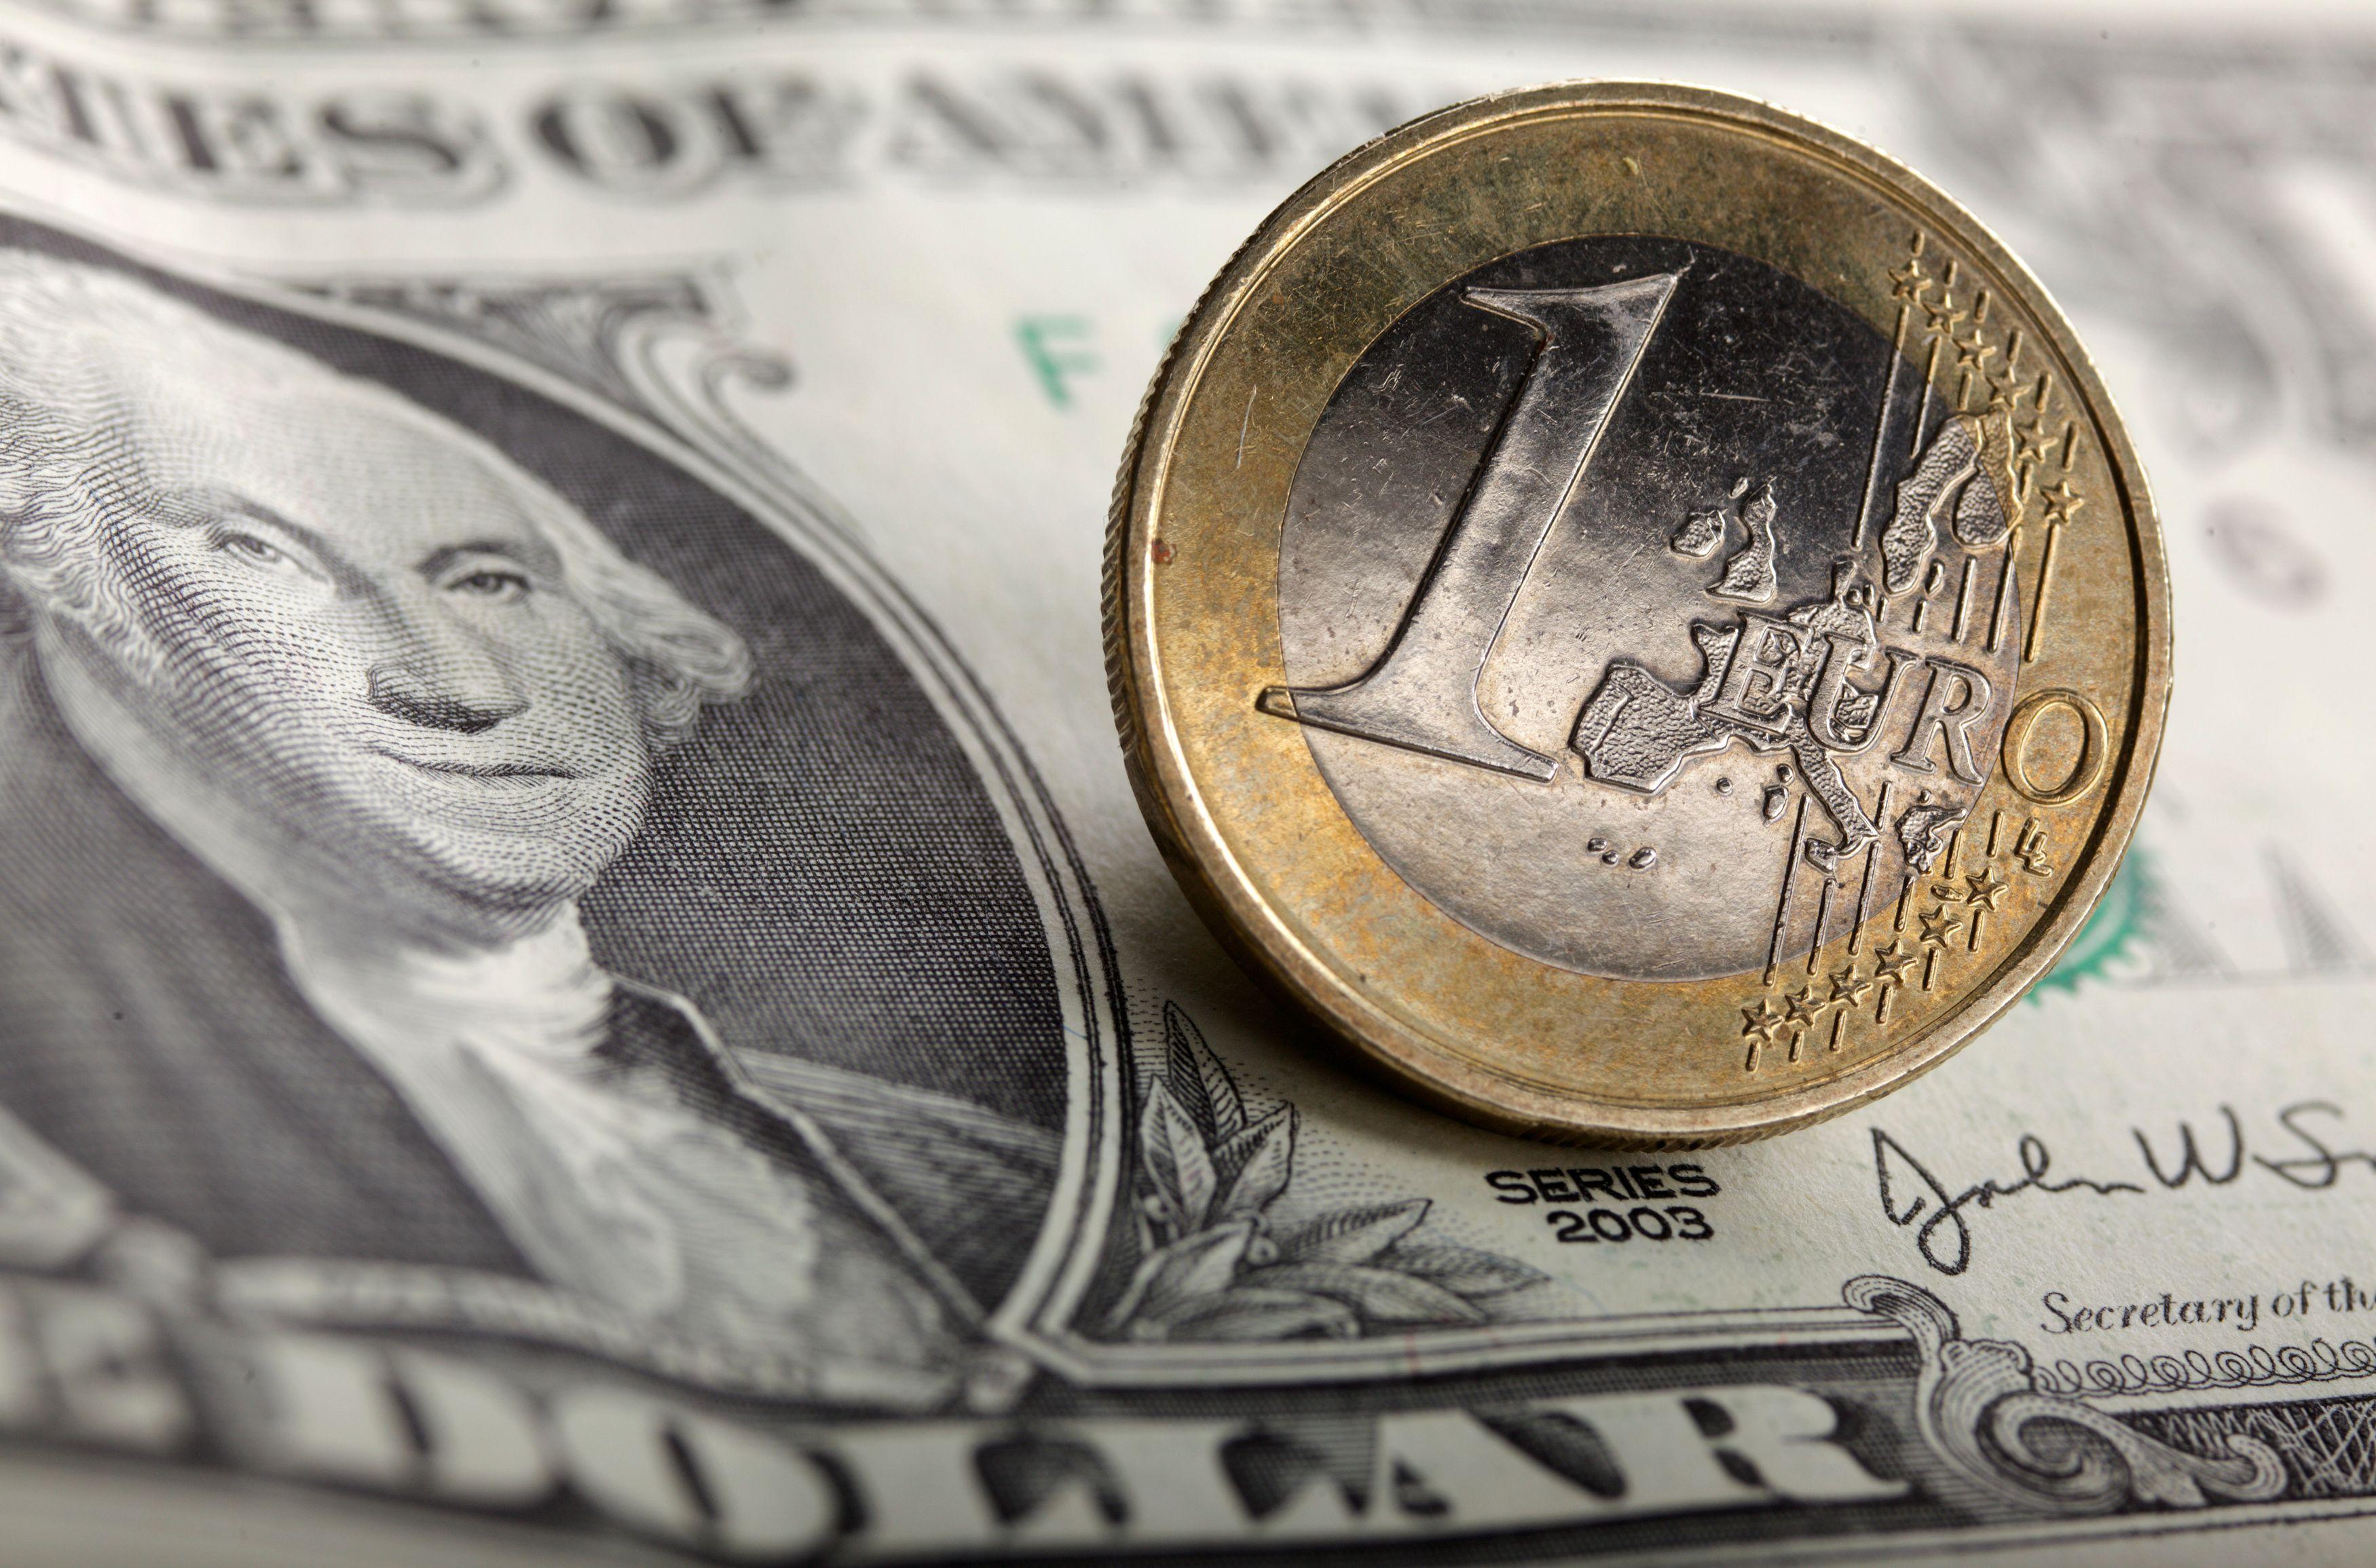 40% des revenus de l'EI sont issus du pétrole, 40% proviennent des impôts ou des extorsions, et 20% proviennent de trafic d'antiquités volées et de donations.